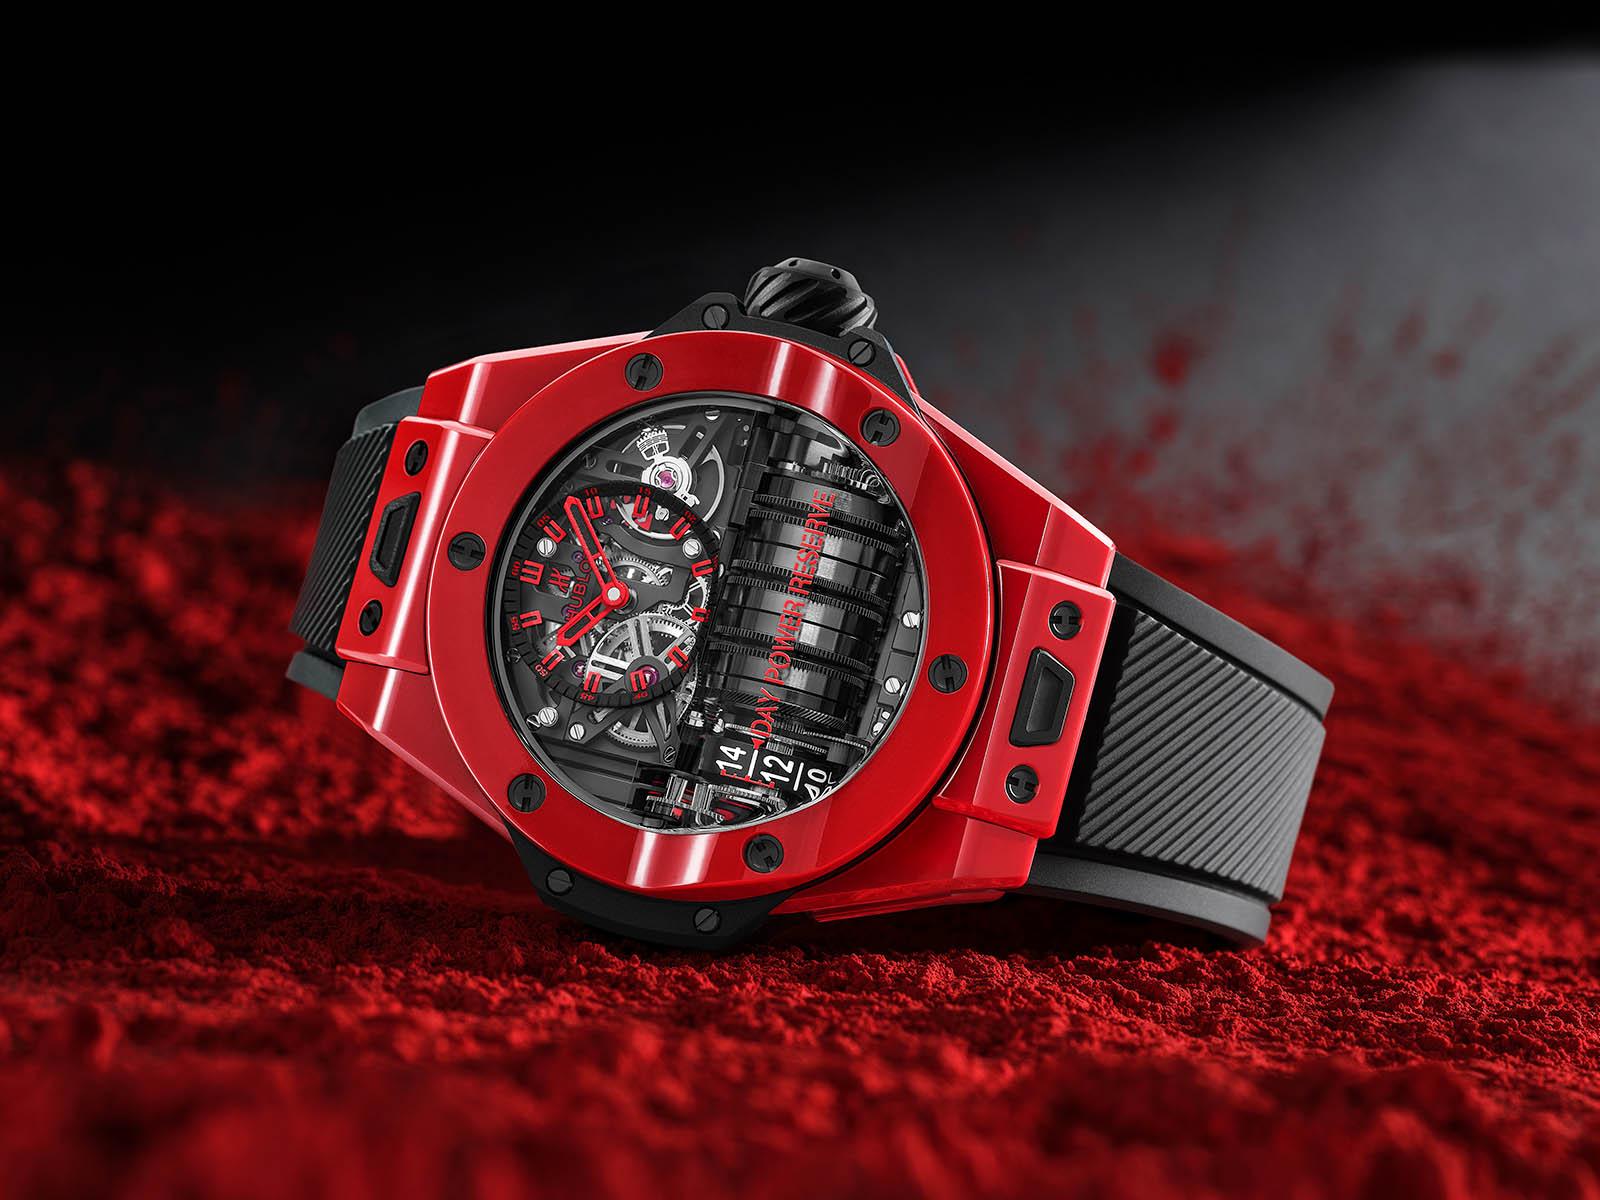 Hublot Big Bang Integral - Red Magic at LVMH Watch Week Dubai